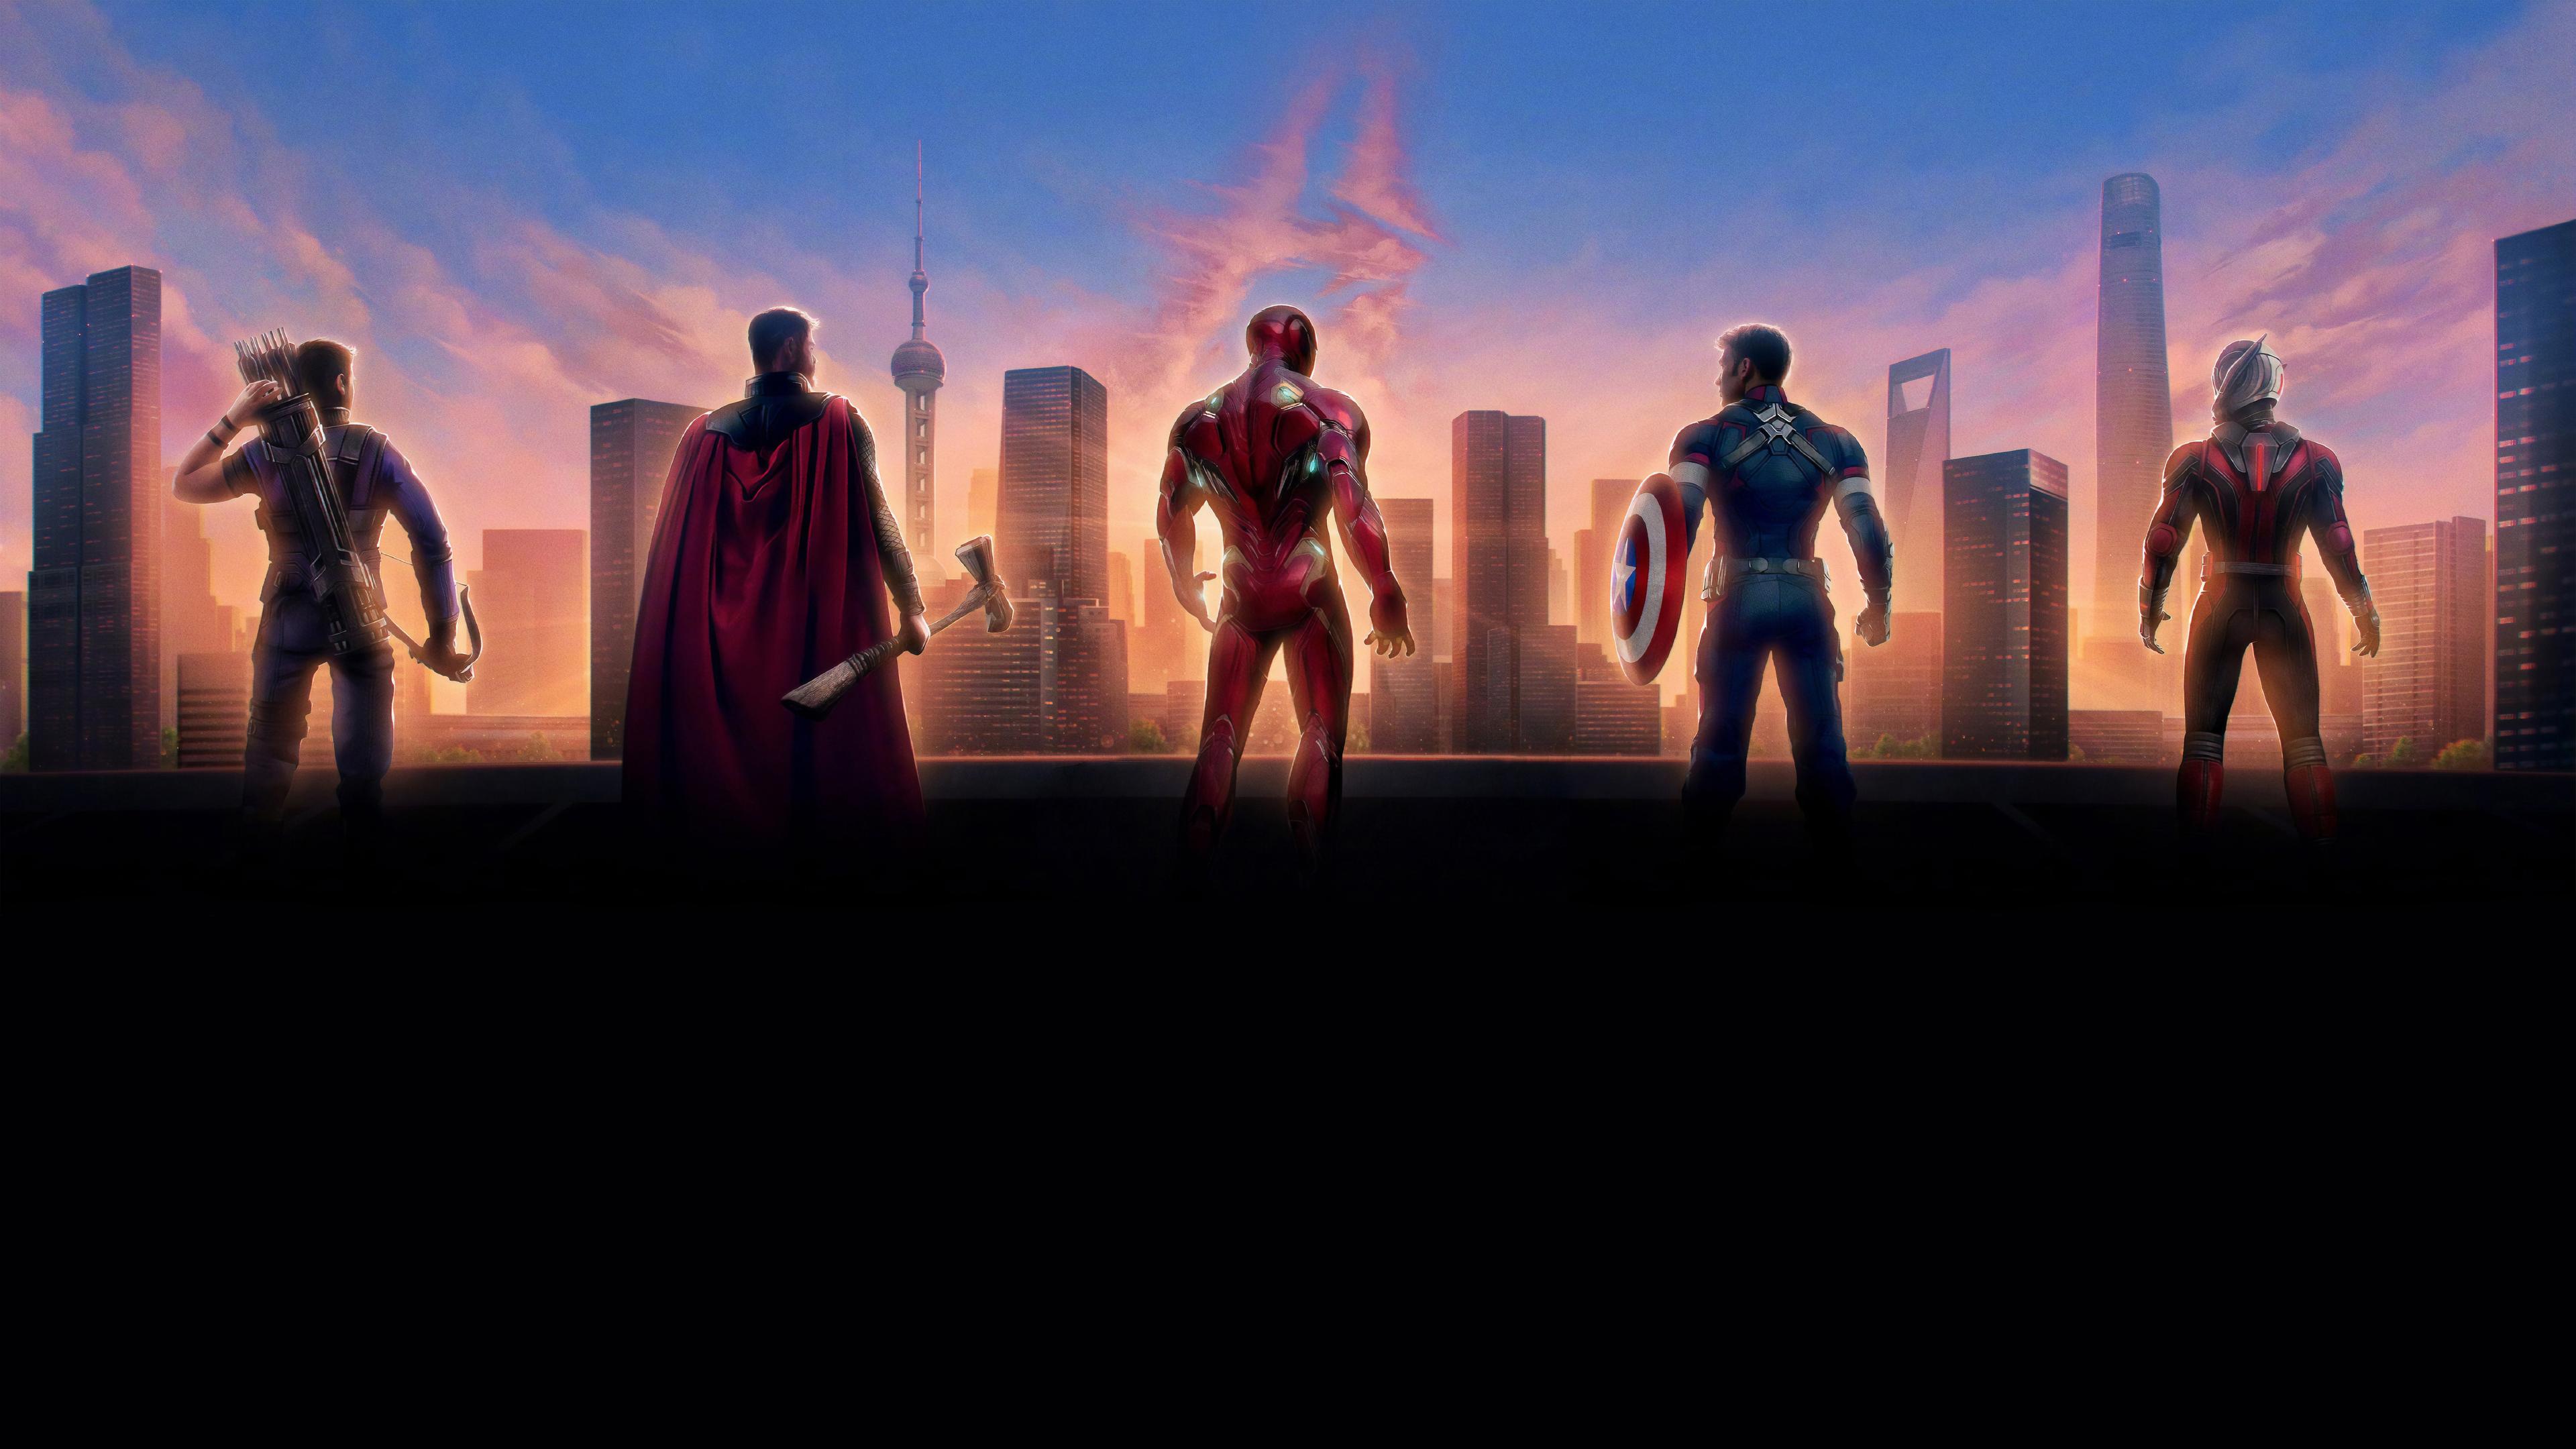 Wallpaper 4k Avengers Endgame 4k Chinese Poster 2019 Movies